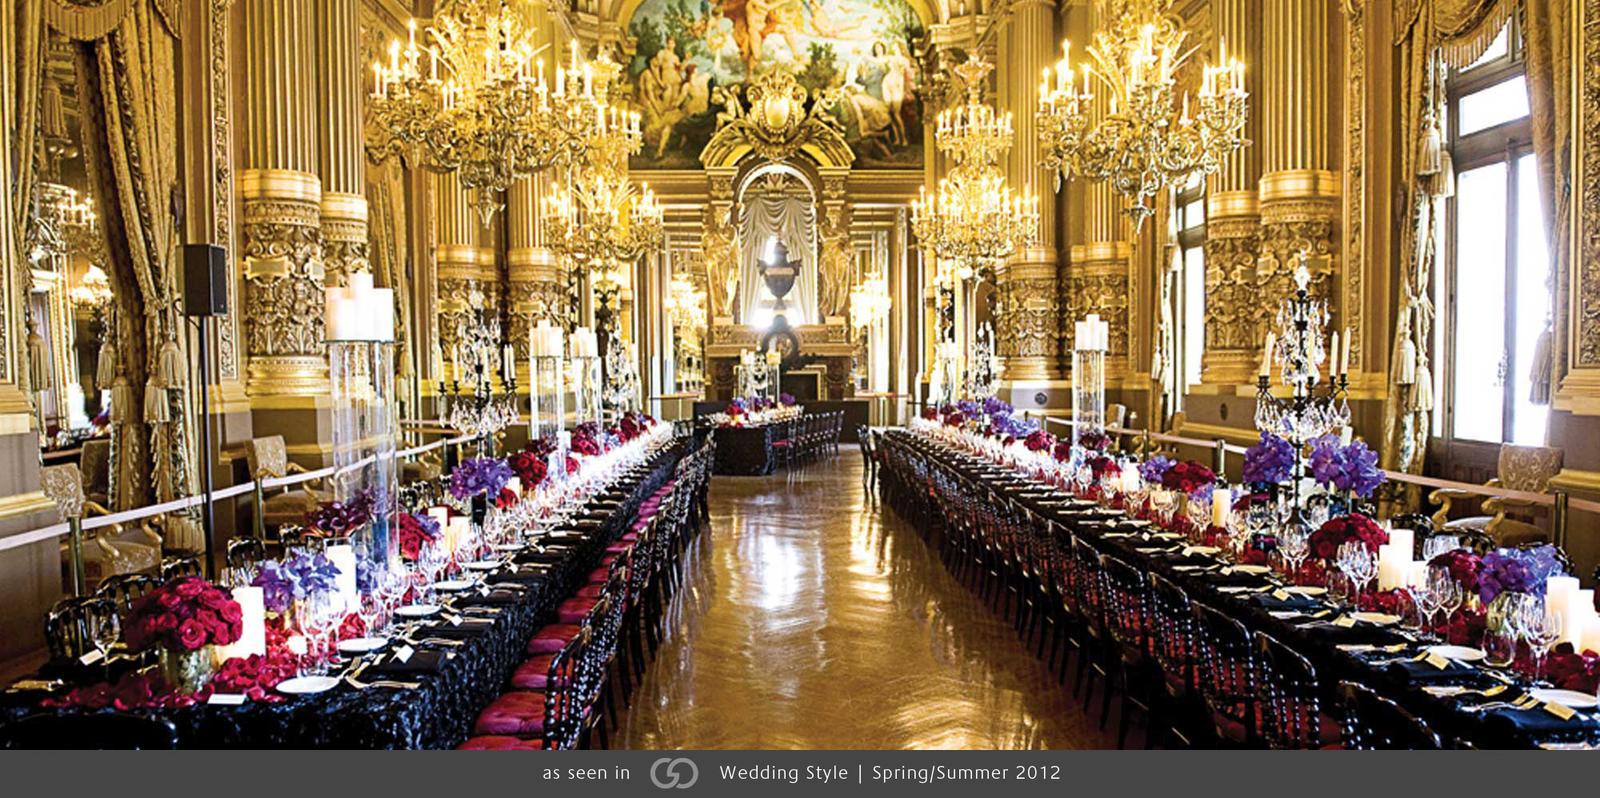 Luxury wedding - Obrázok č. 74